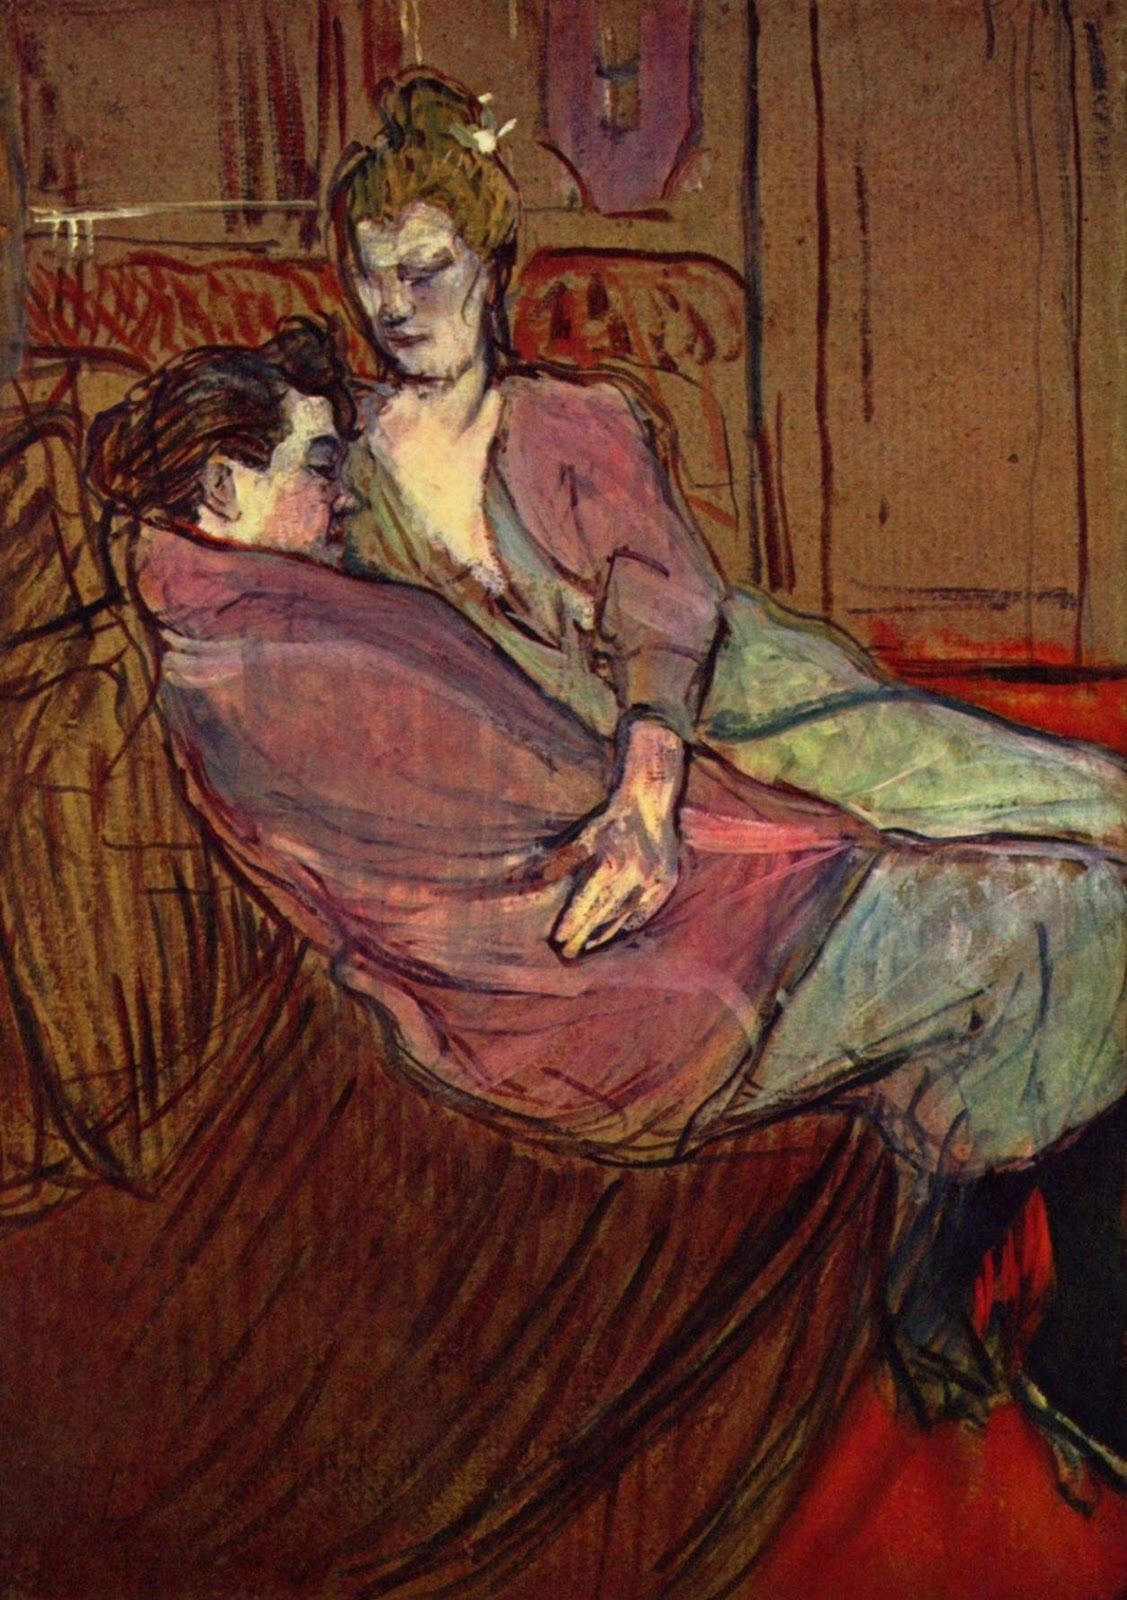 http://4.bp.blogspot.com/-gBTYKEaxprA/TWaiojBIptI/AAAAAAAAhpA/U1Oxr2S6PCc/s1600/k-Henri_de_Toulouse-Lautrec_014.jpg